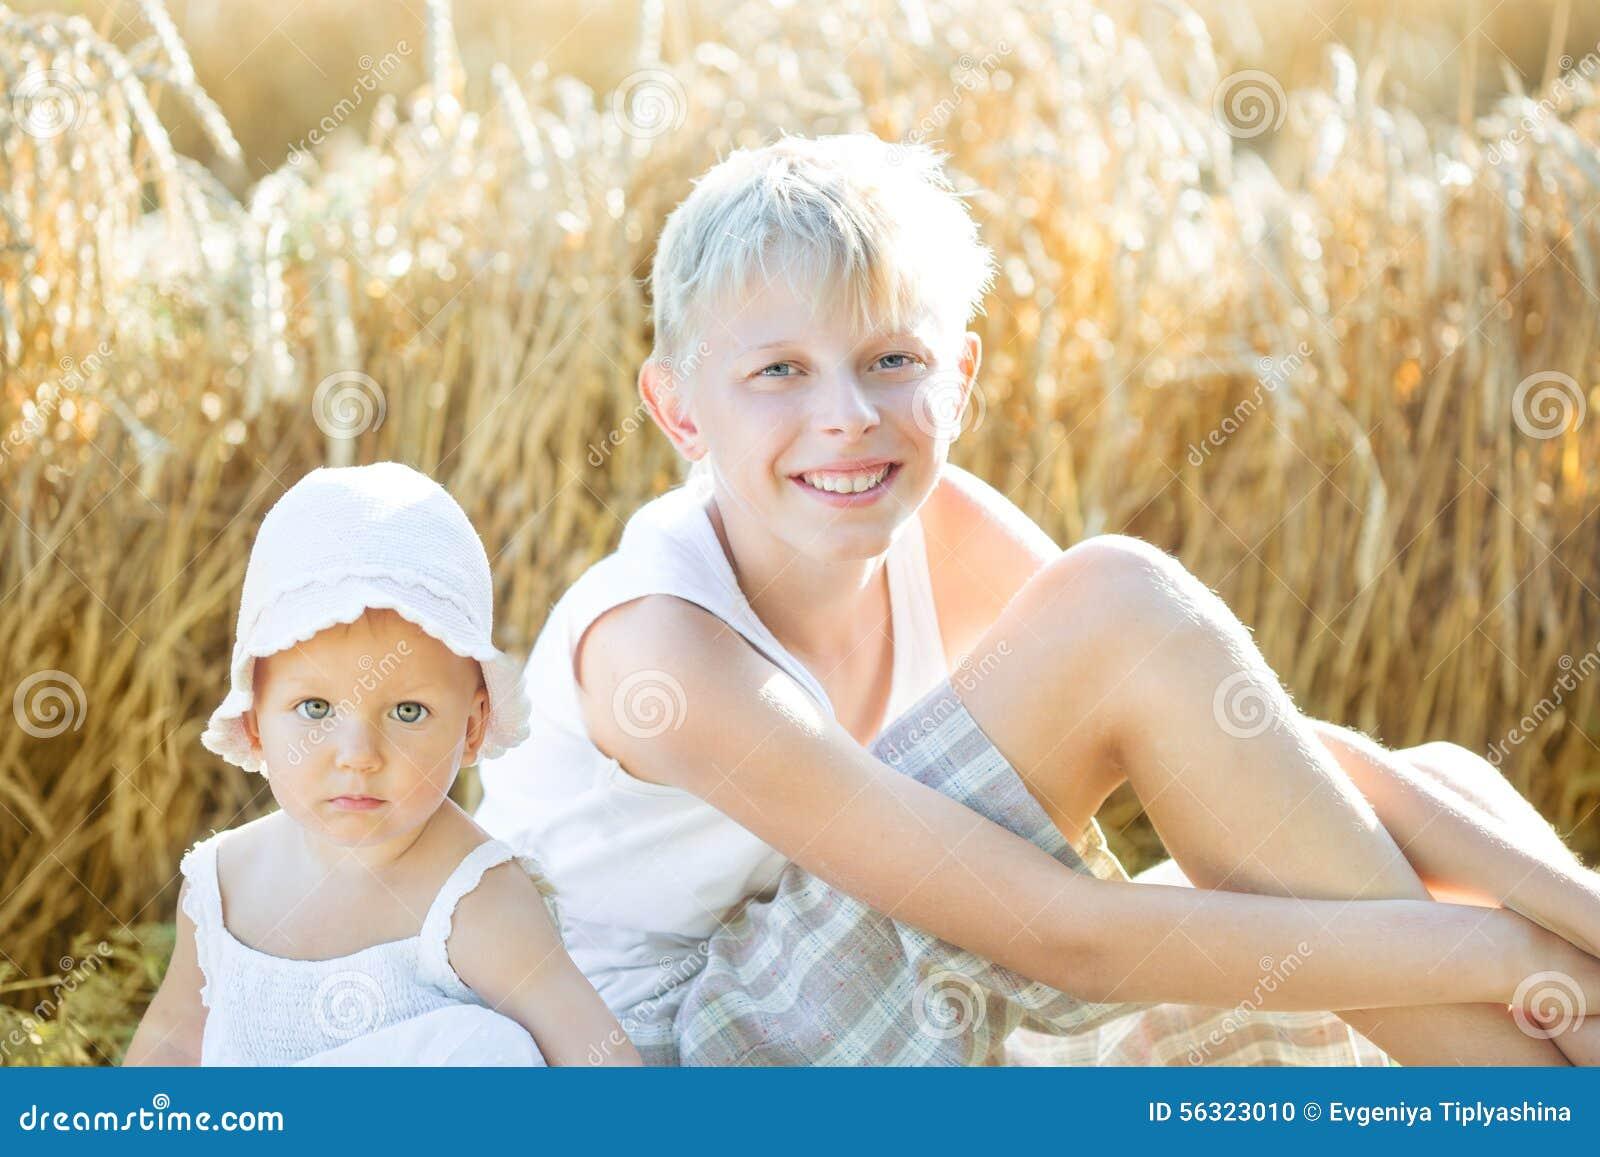 Дети в поле пшеницы